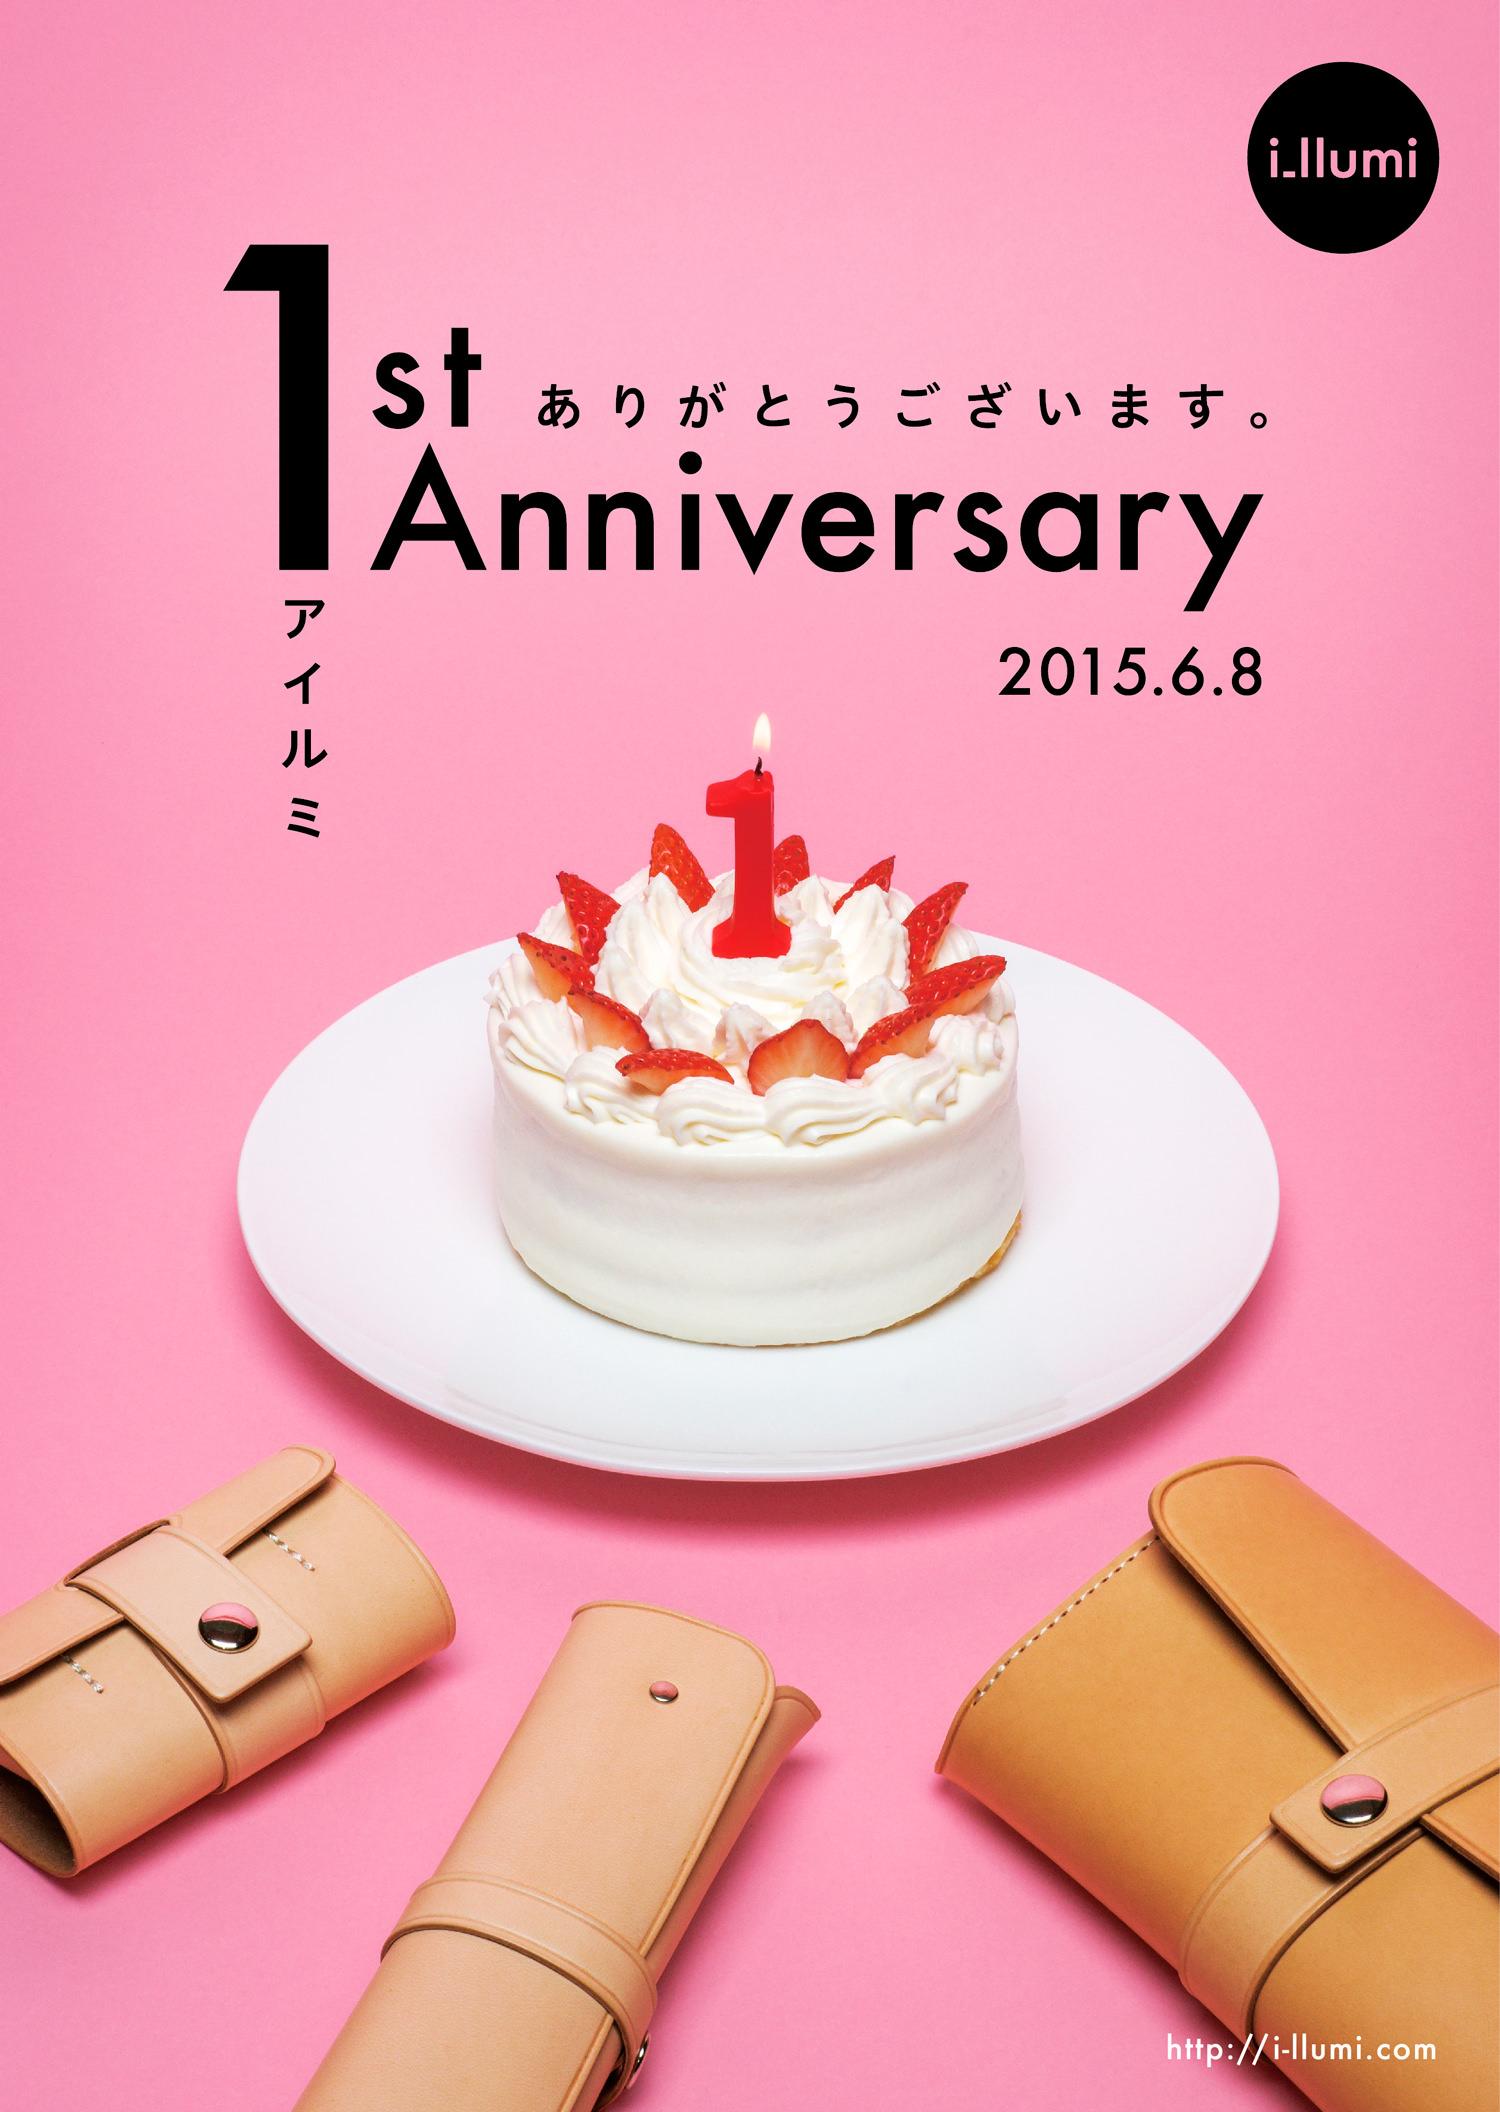 i_llumi 1st Anniversary